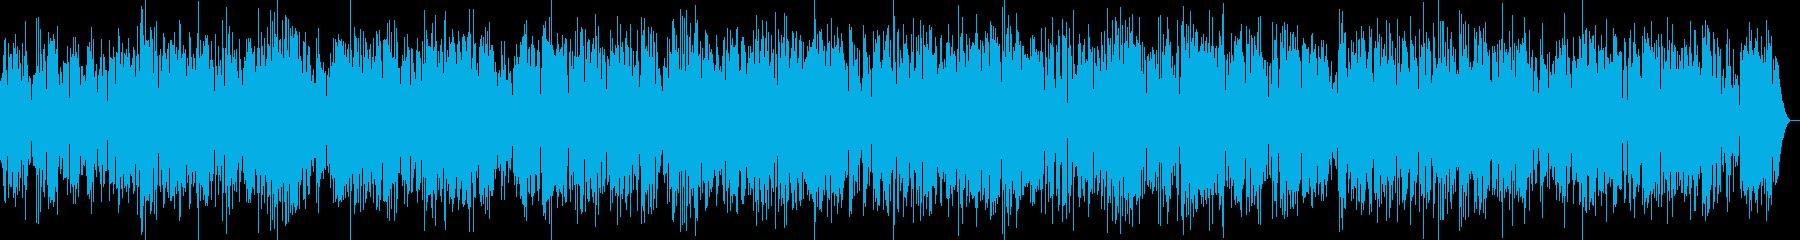 夏の切ないジャジーなエレキギターソロ 海の再生済みの波形